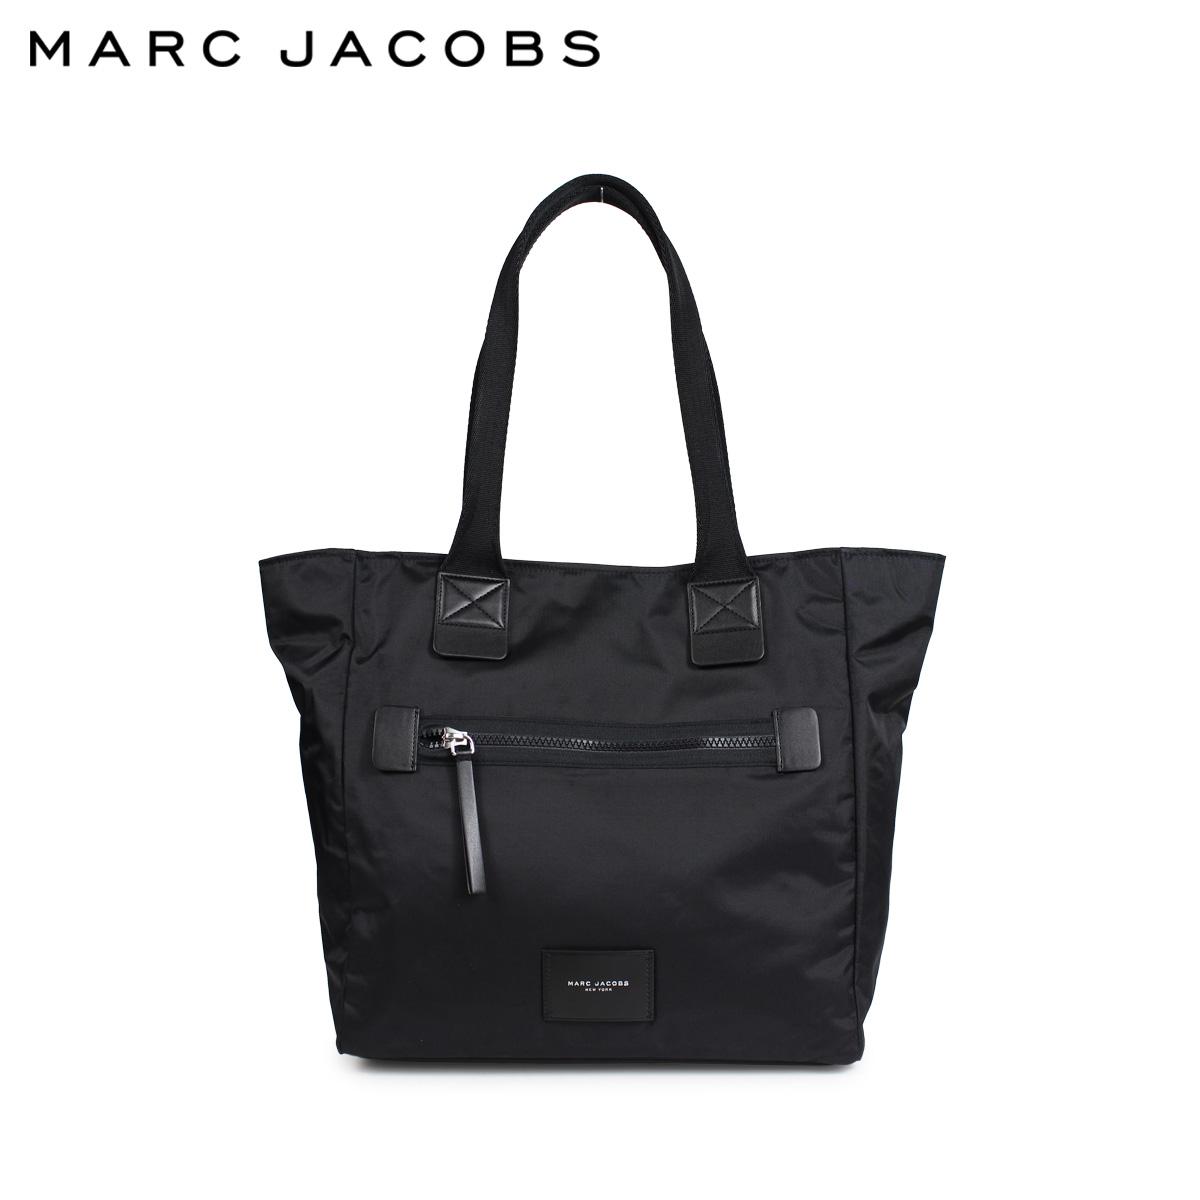 【最大2000円OFFクーポン】 マークジェイコブス MARC JACOBS バッグ トートバッグ レディース NYLON BIKER TOTE BAG ブラック M0013943